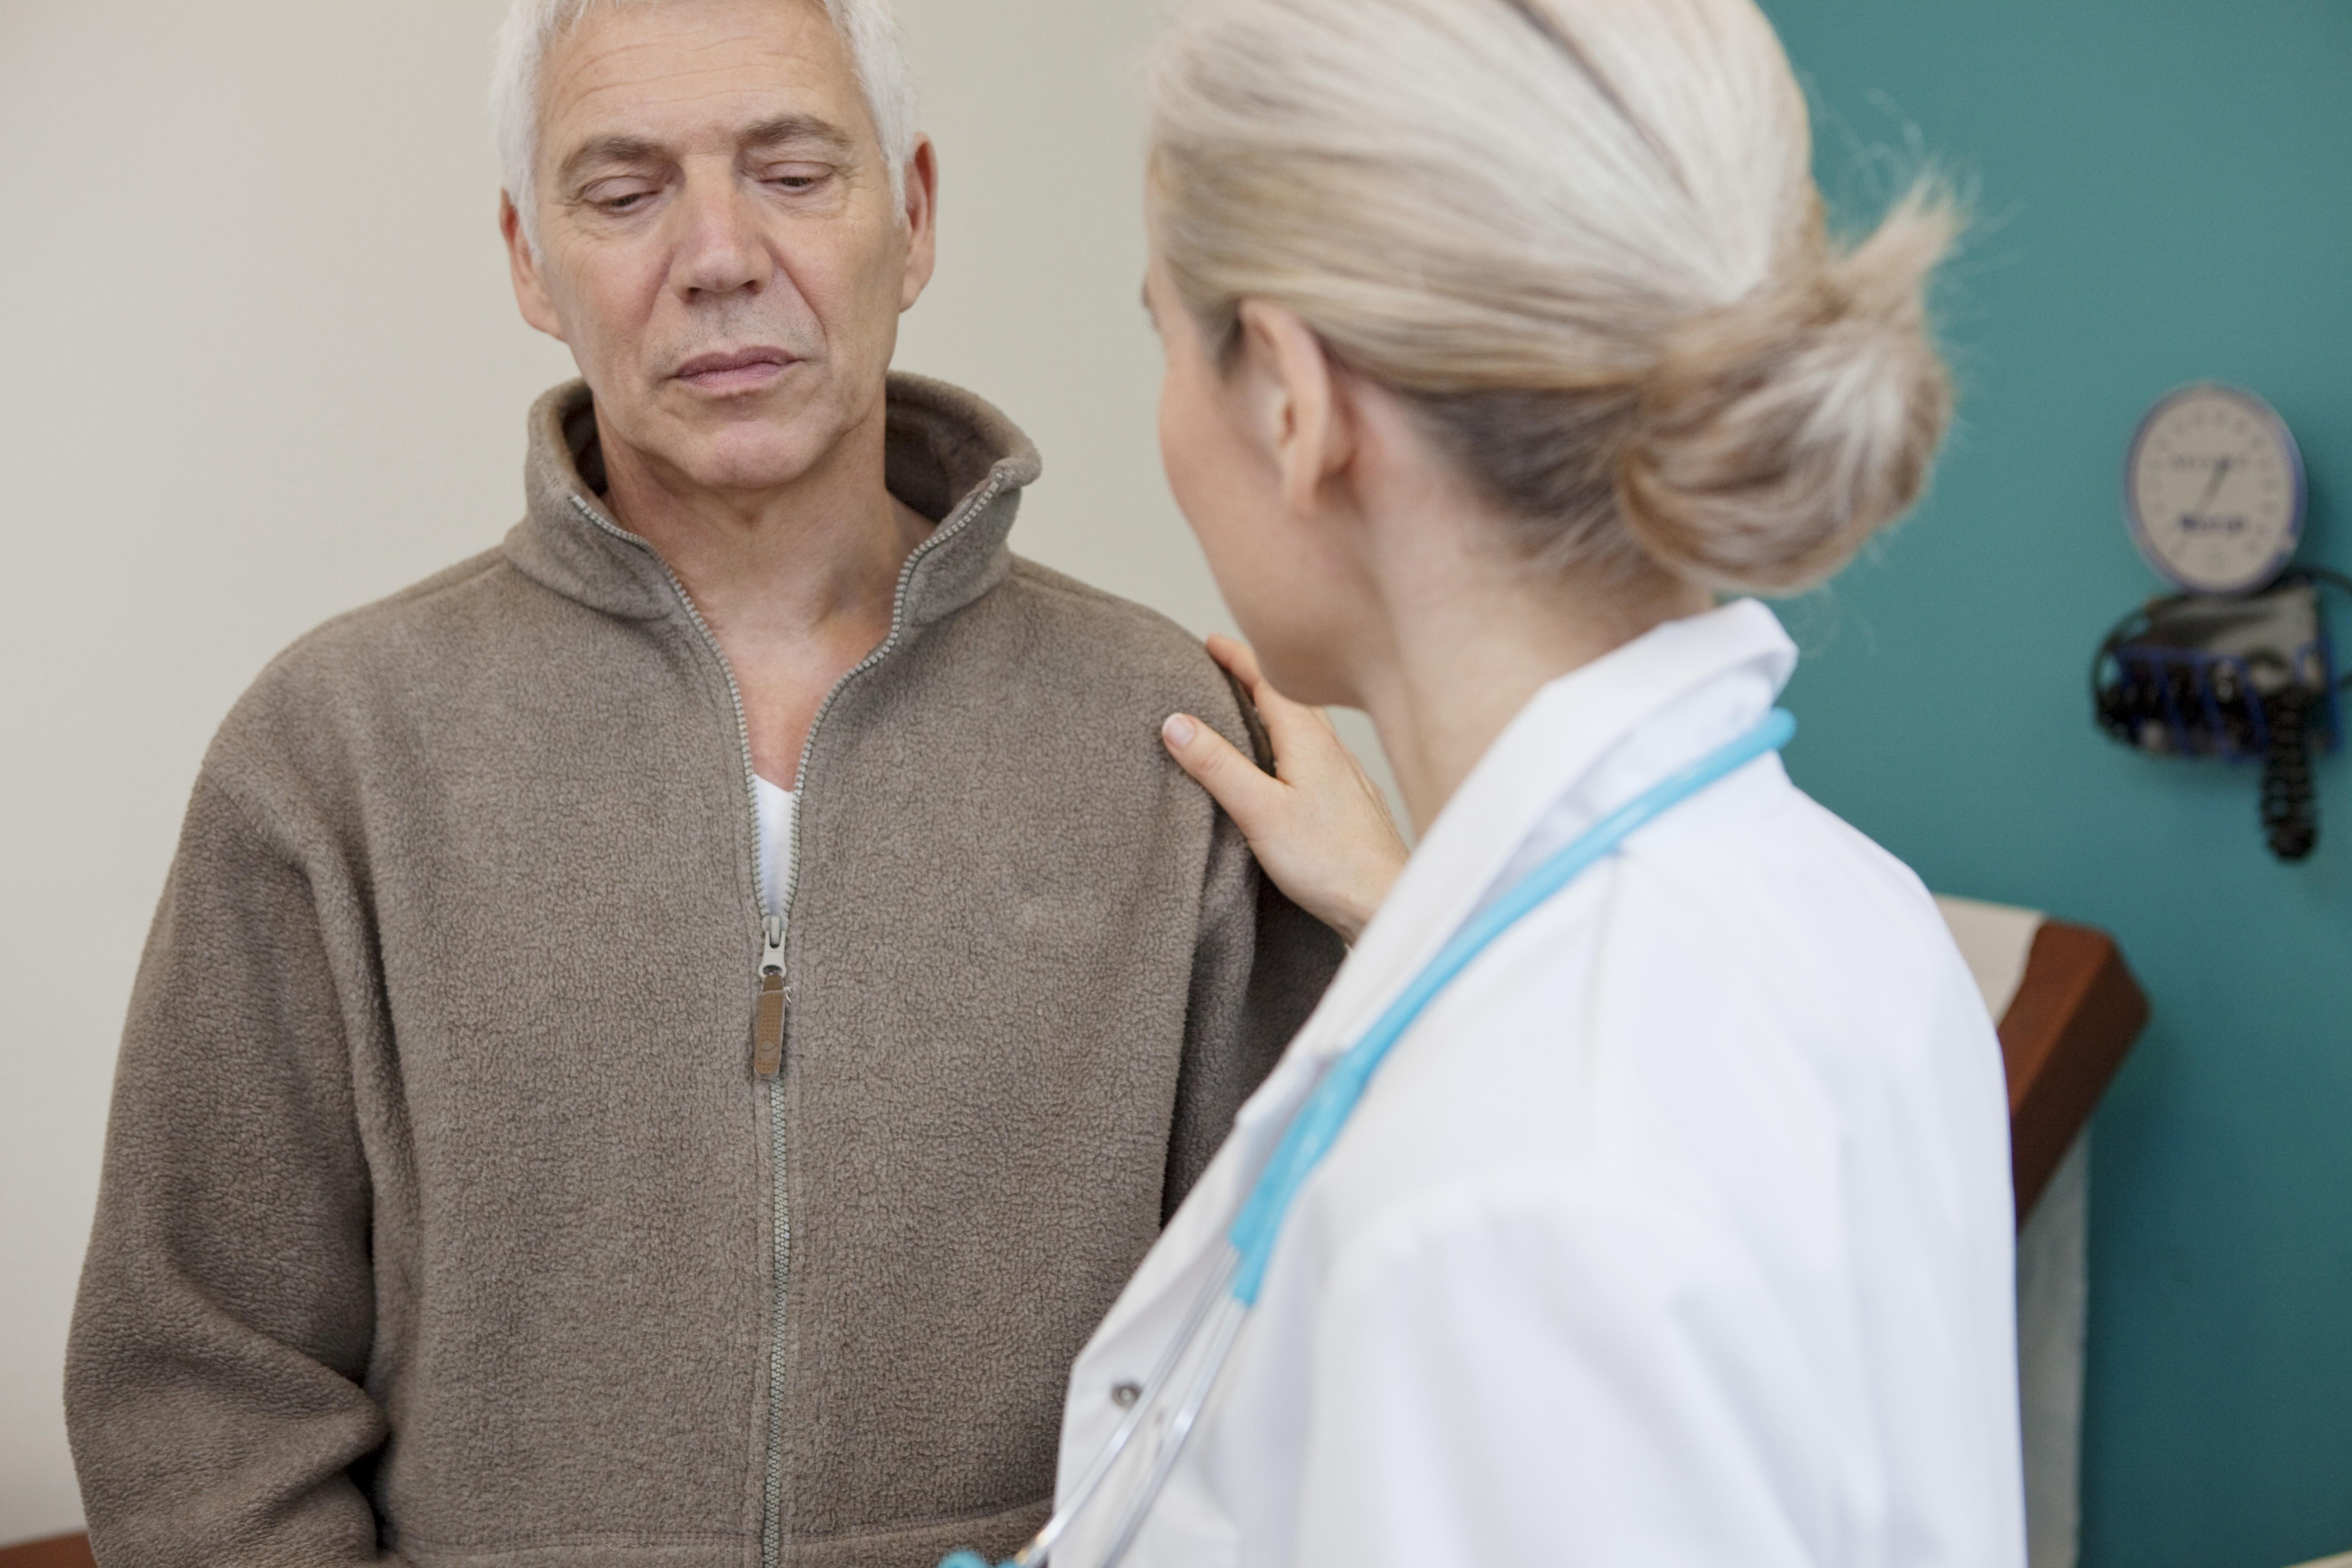 tratamento do câncer de próstata